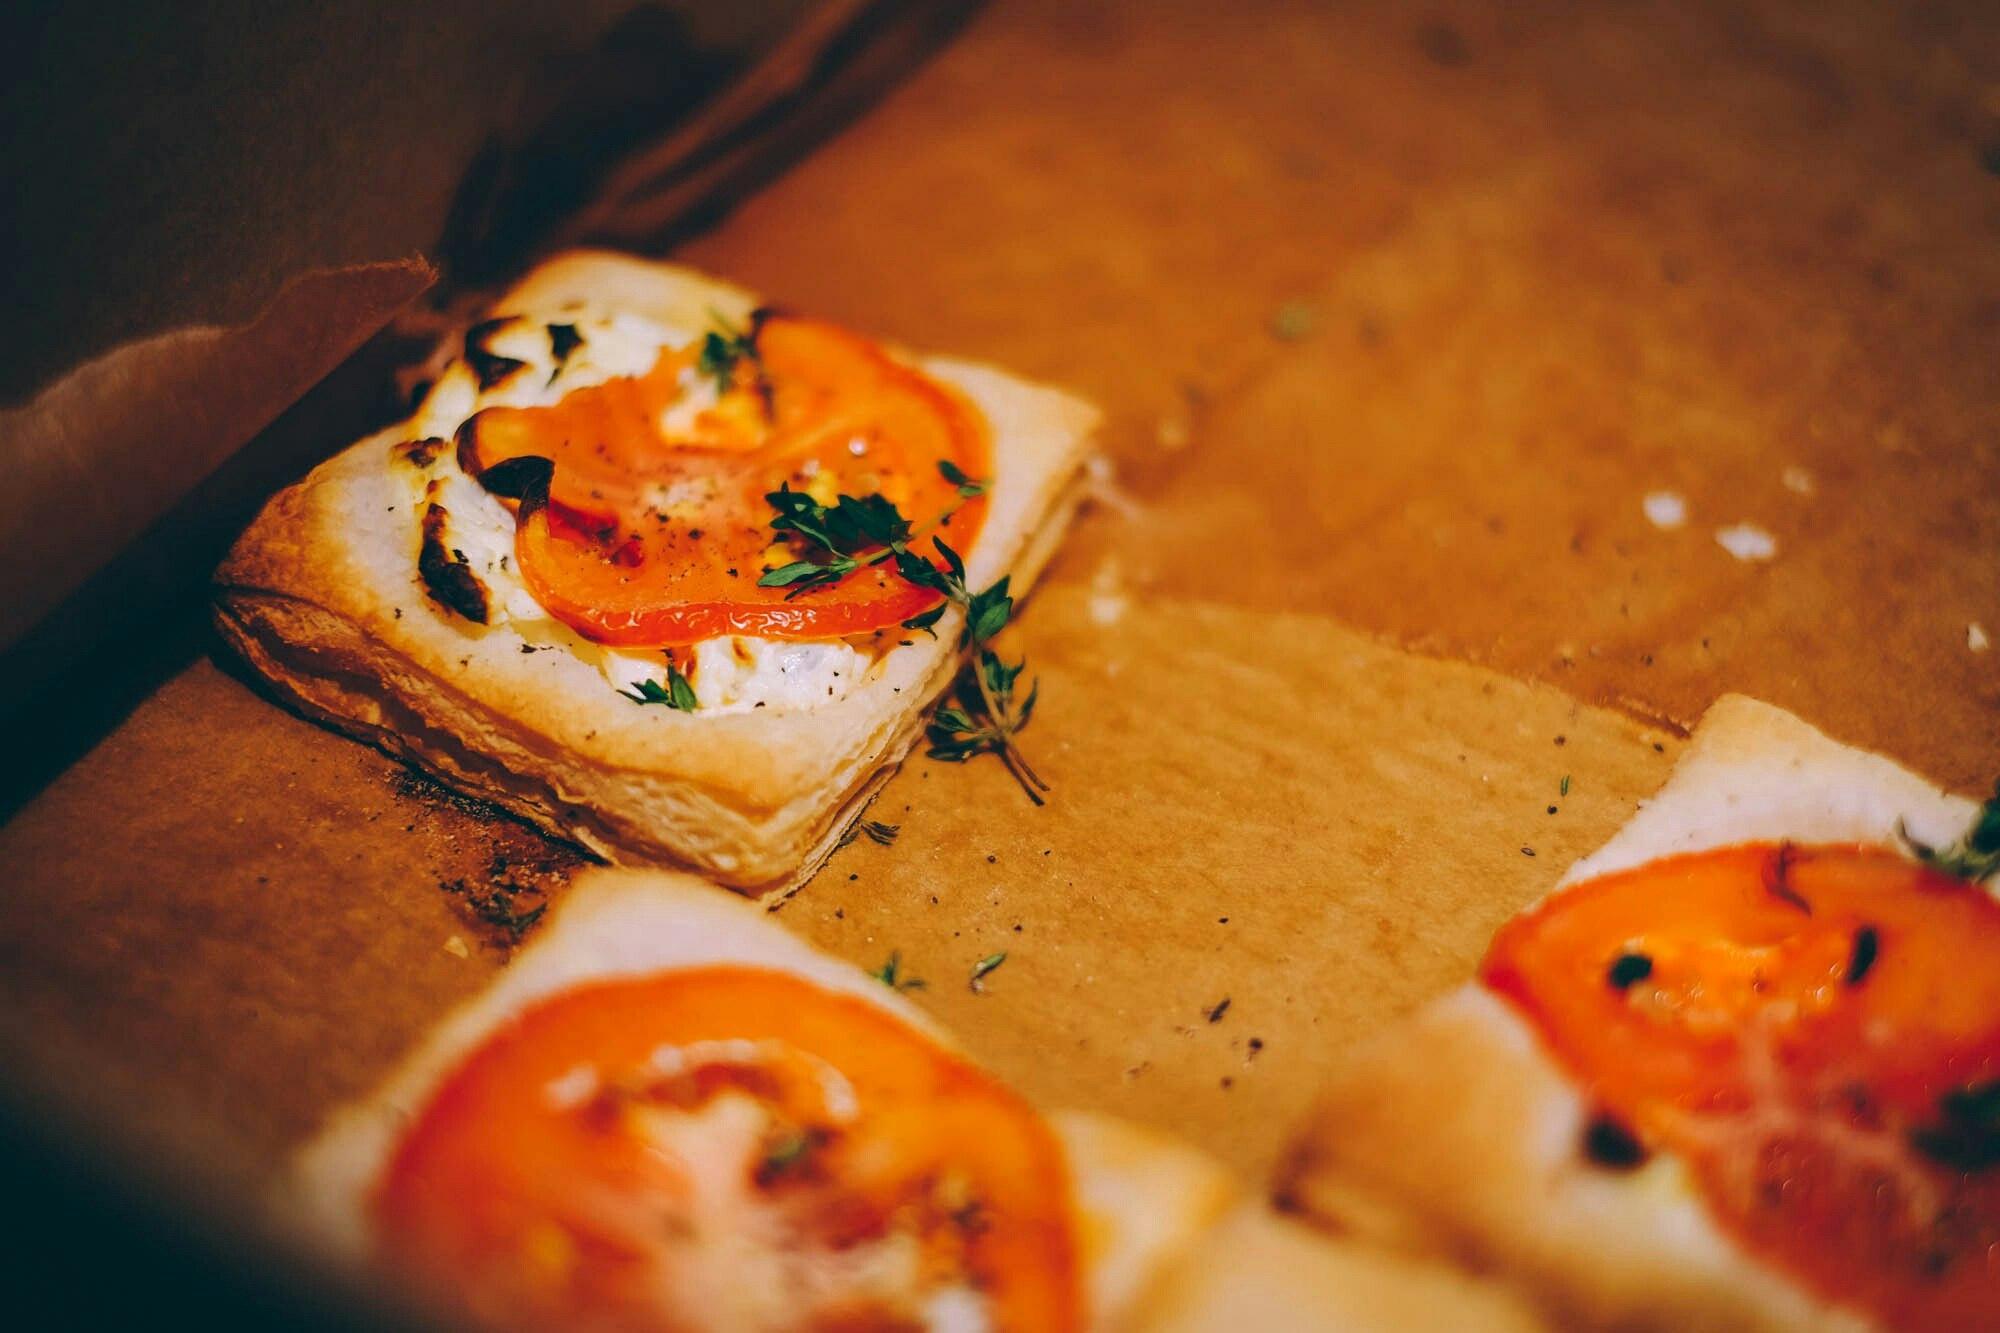 Точно не знаю, как называются эти милые штучки с творожным сыром и помидорами, но если Вам удастся посетить CreativeMornings в Петербурге, первым делом попробуйте их.